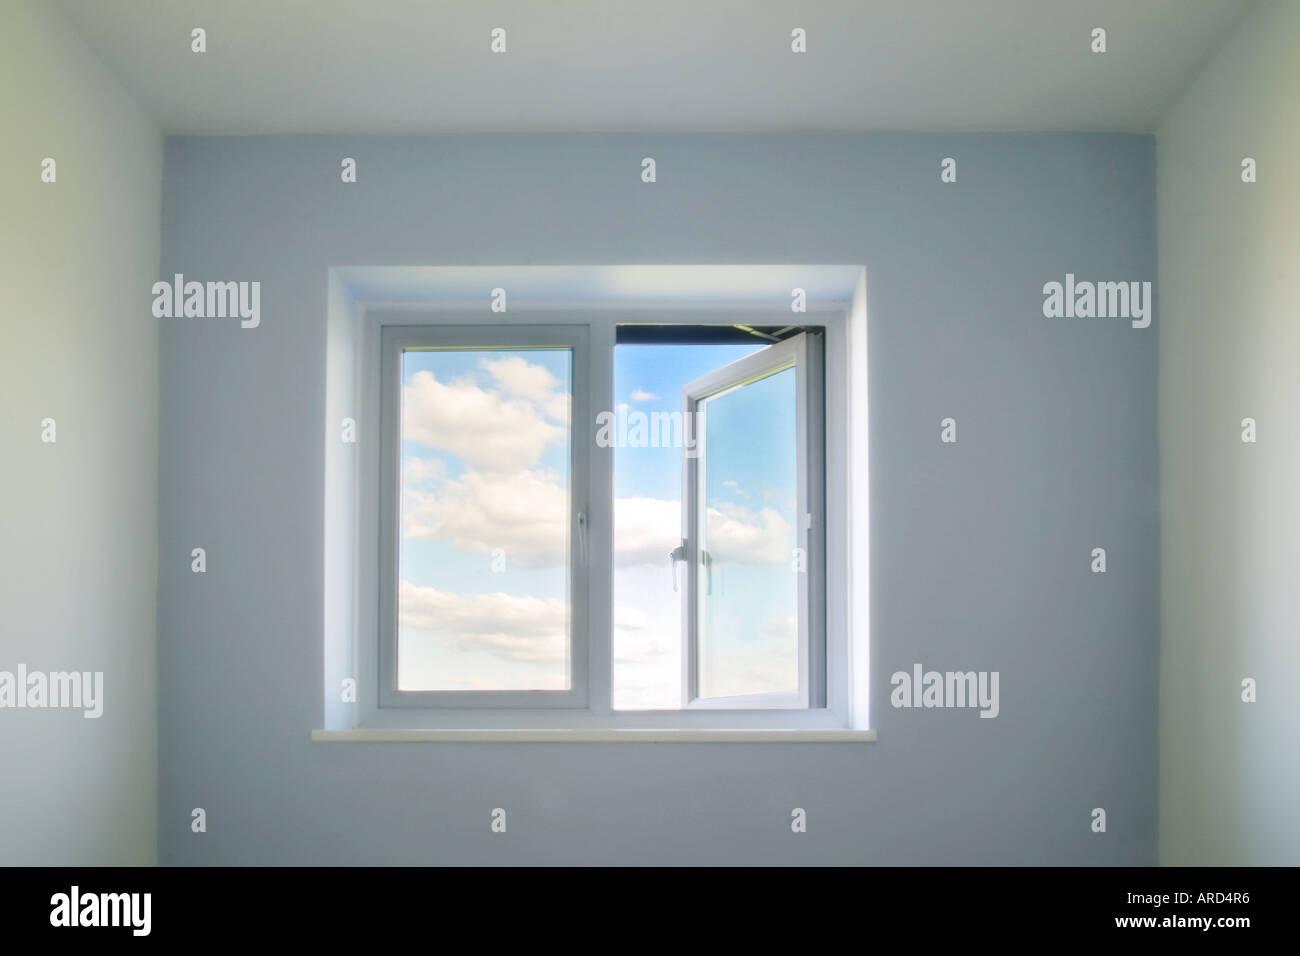 Image d'un concept d'une fenêtre ouverte Photo Stock